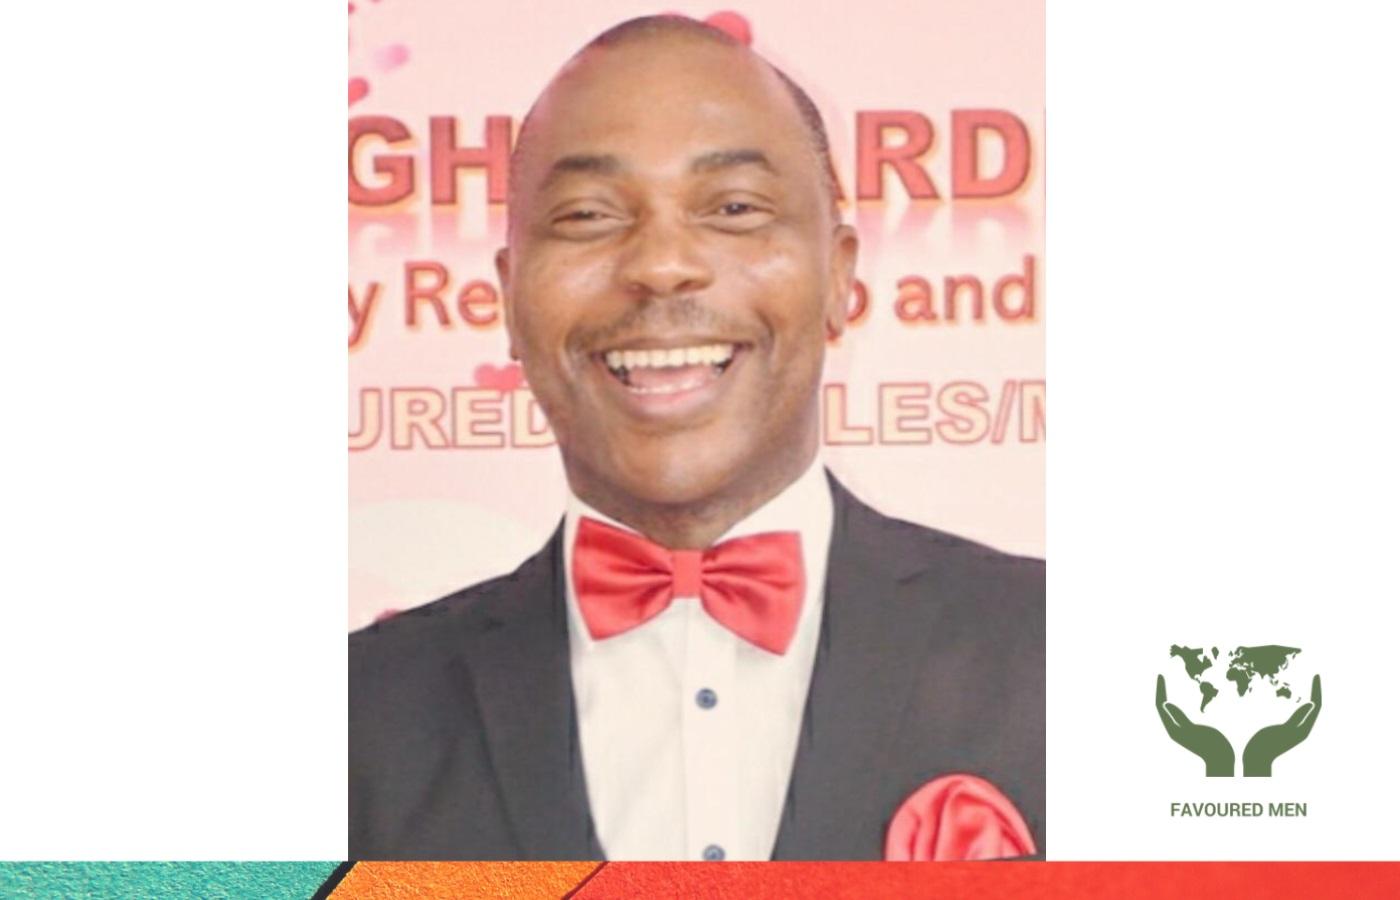 About Favoured Men ngo website NGO Afrika (Favoured Men) NGO österreich (Favoured Men) Edwin Otaru